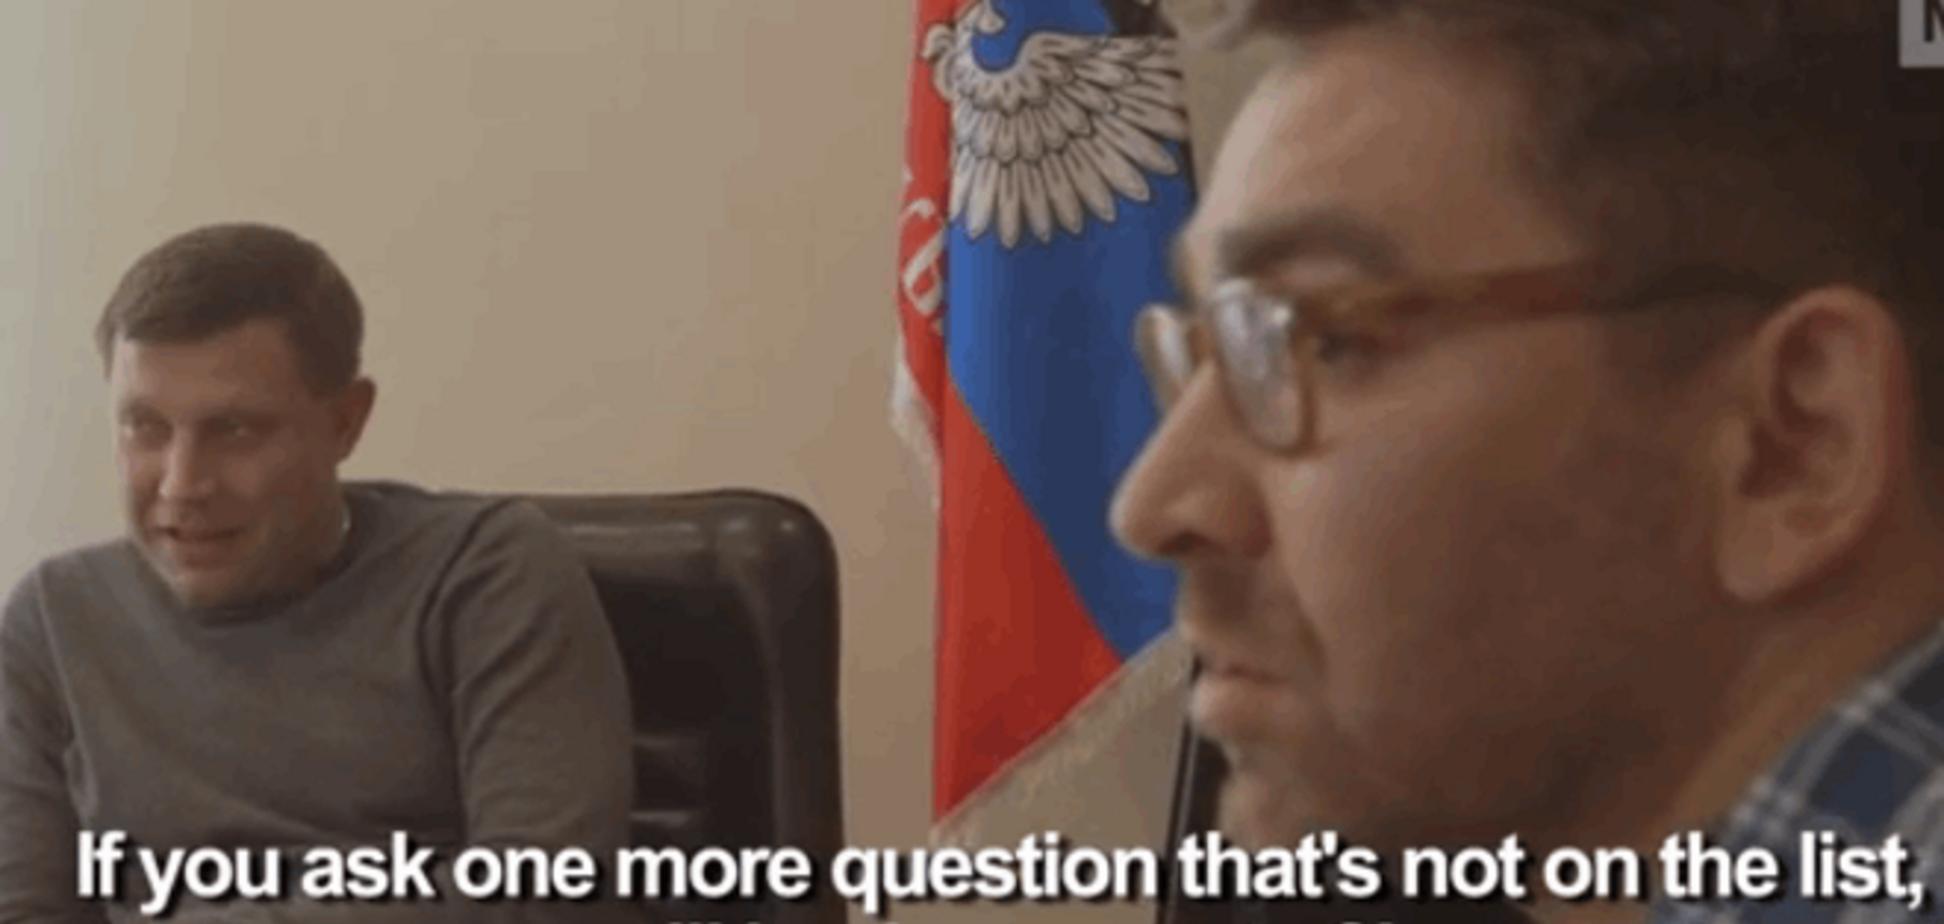 У Захарченка журналісту різко закрили рот за питання про обгорілих бурятів: Відеофакт